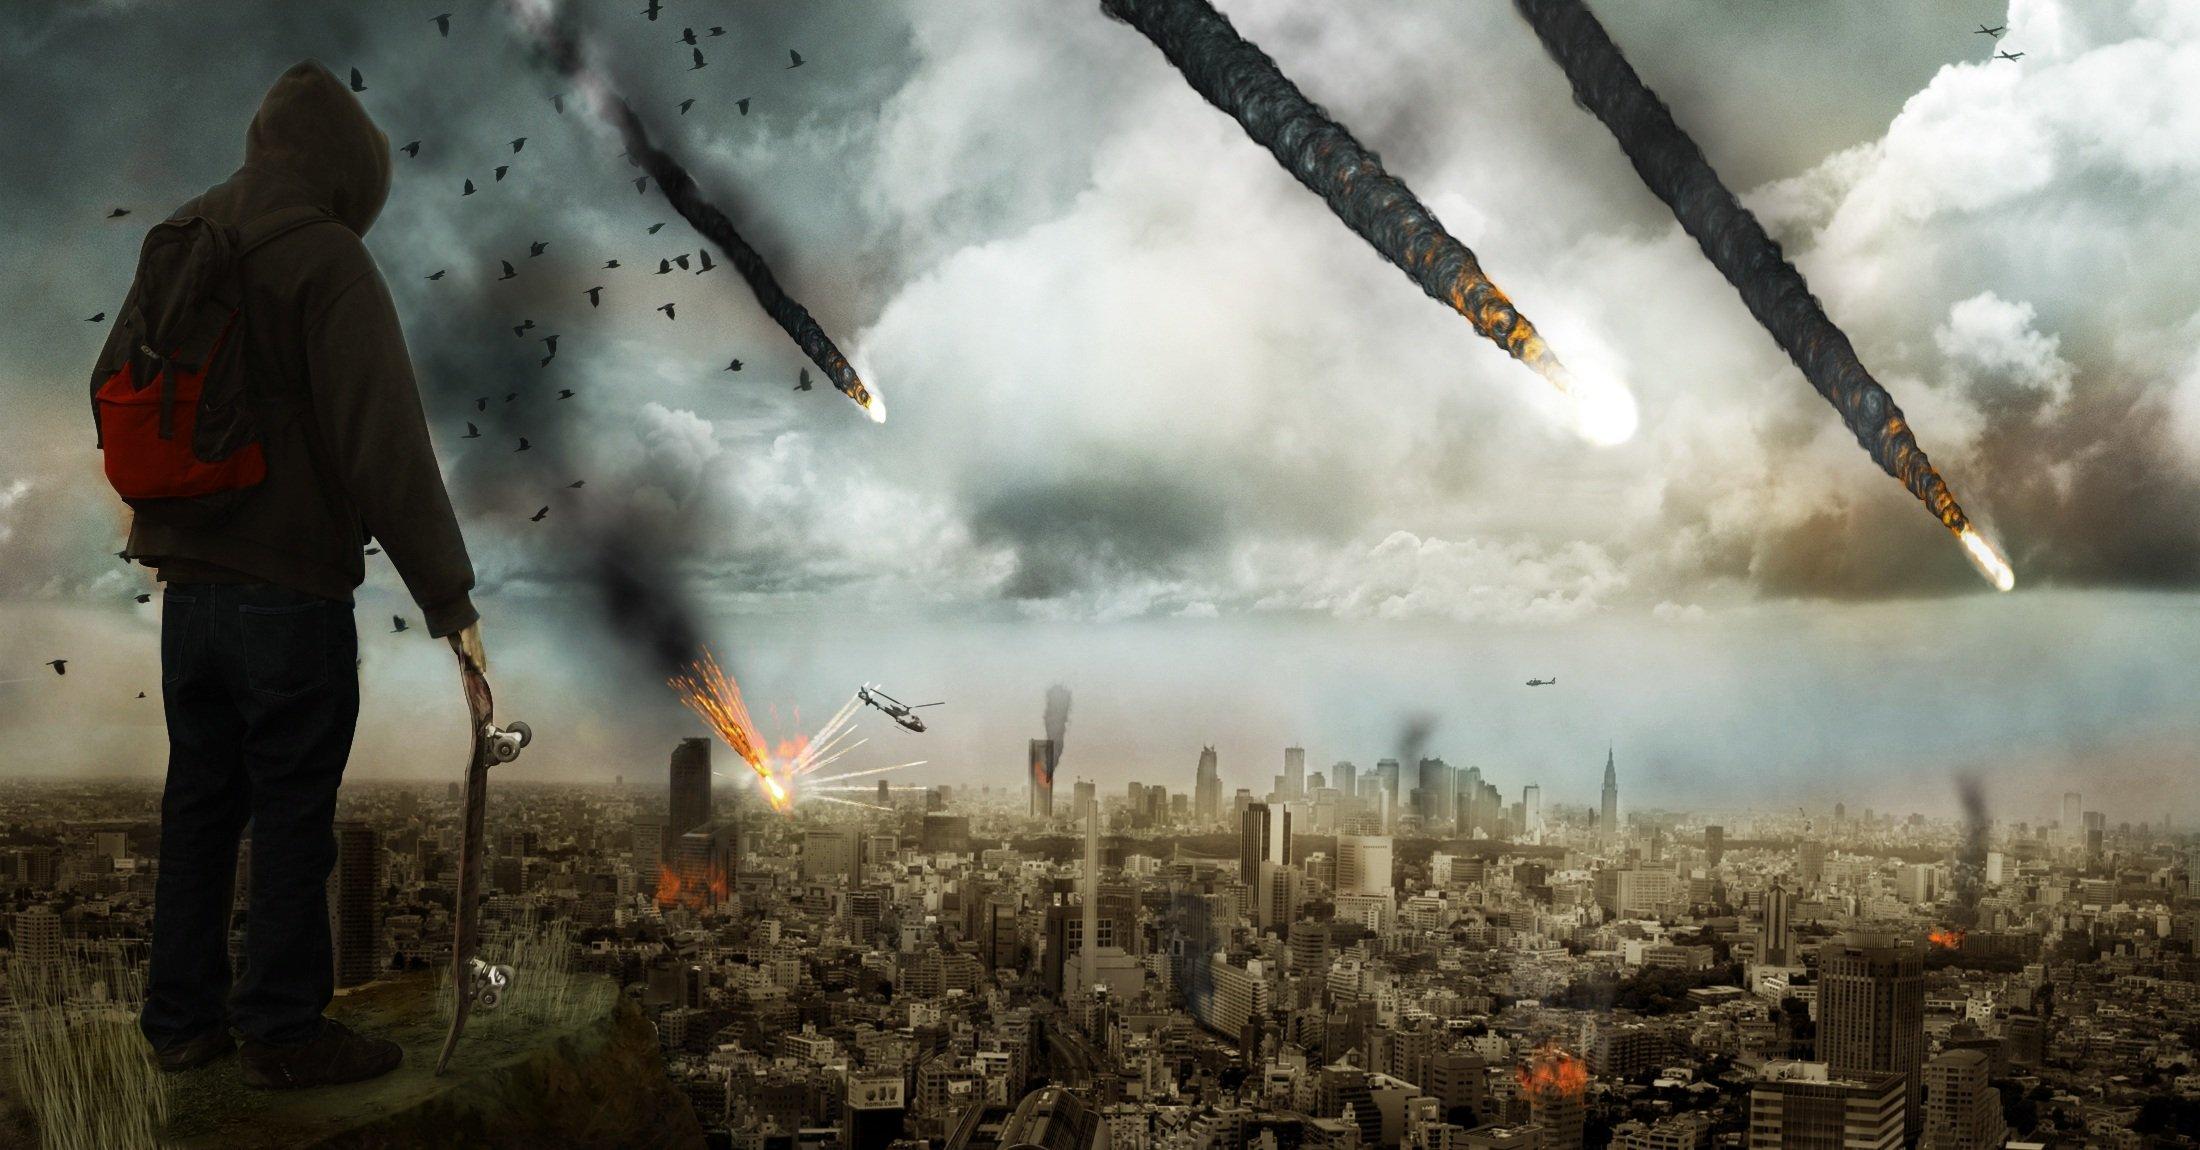 Ученый предсказал наступление конца света через пять лет